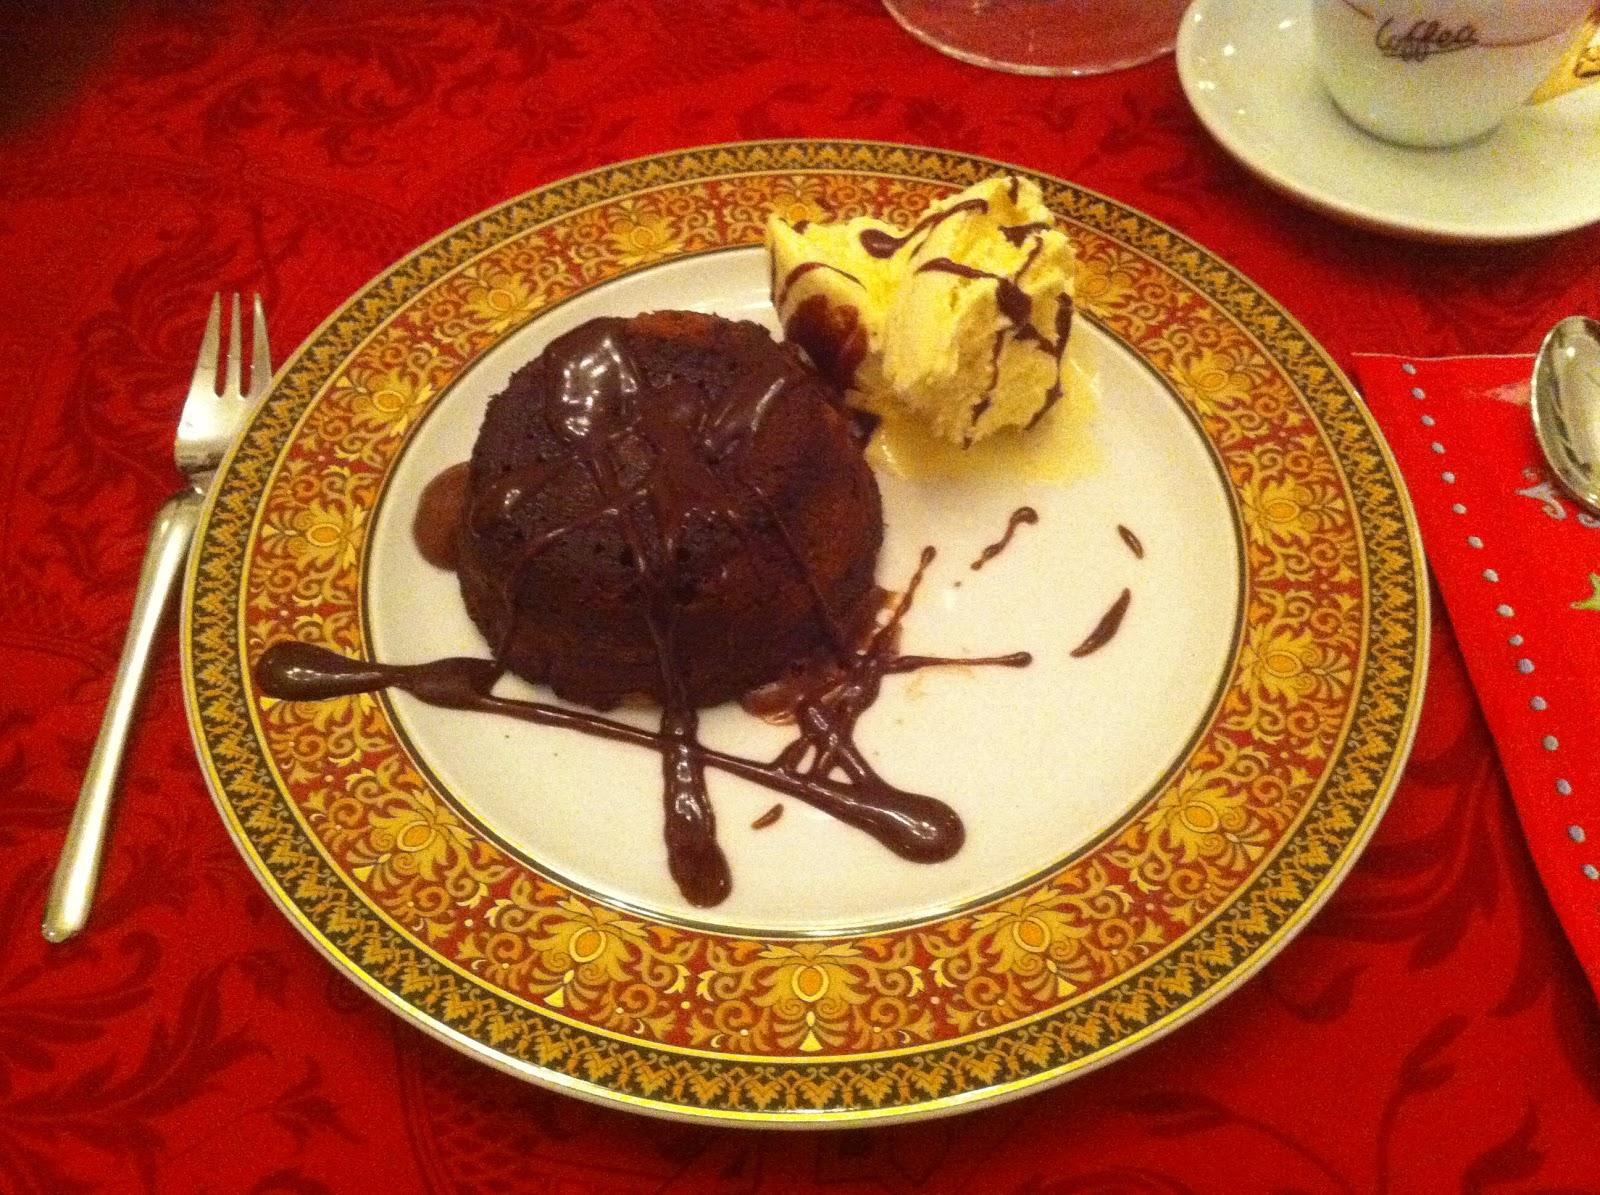 schokoladen souffle mein lieblings nachtisch k chenmaus. Black Bedroom Furniture Sets. Home Design Ideas